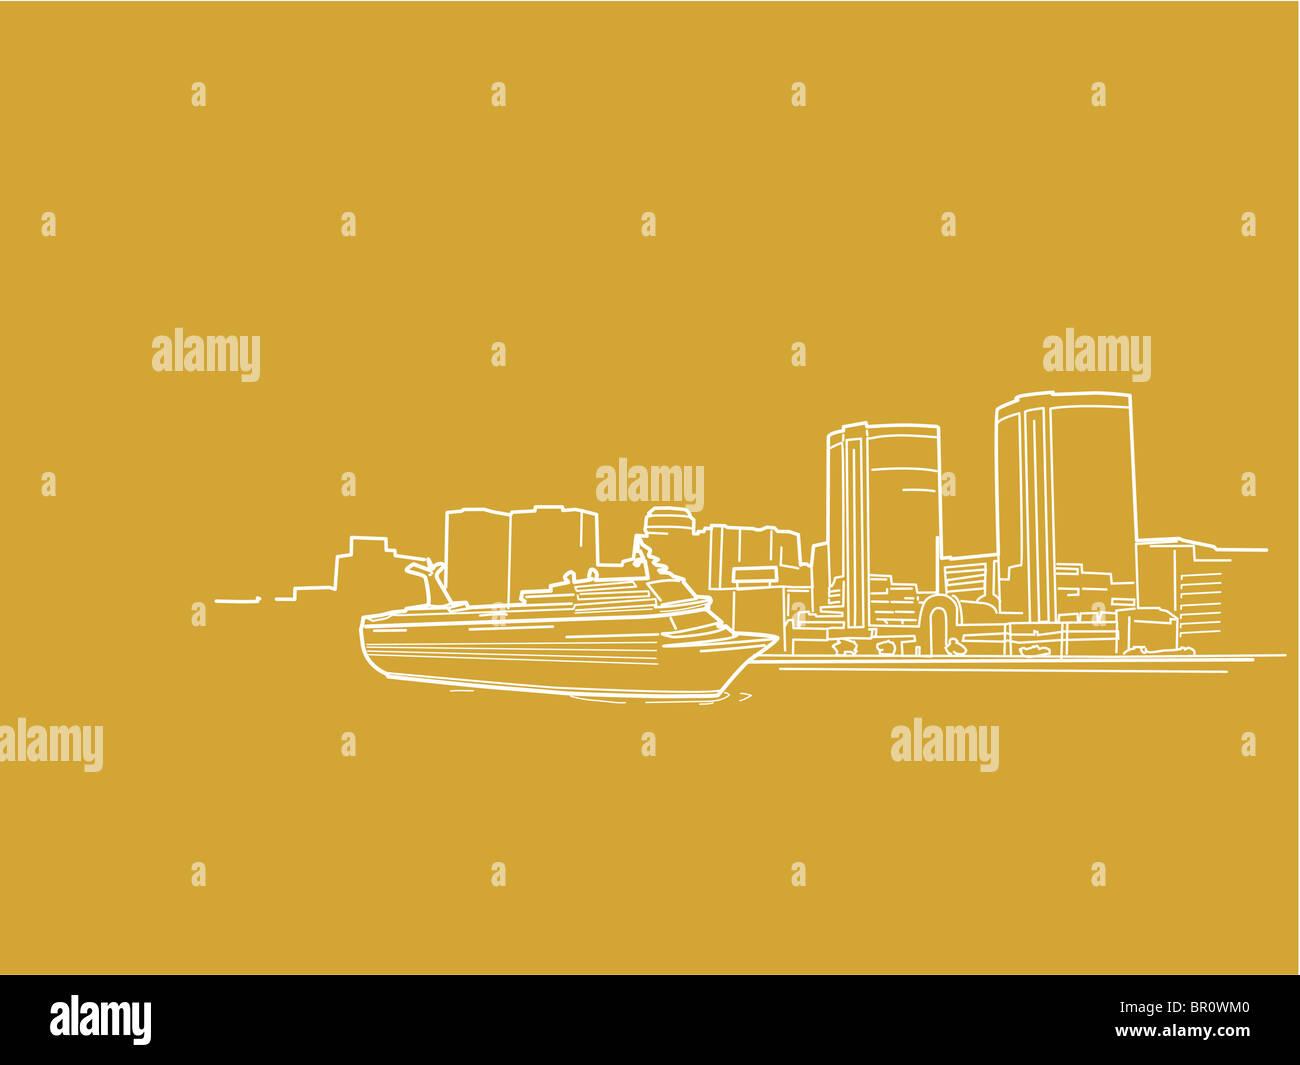 Una ilustración de un crucero por la bahía Imagen De Stock